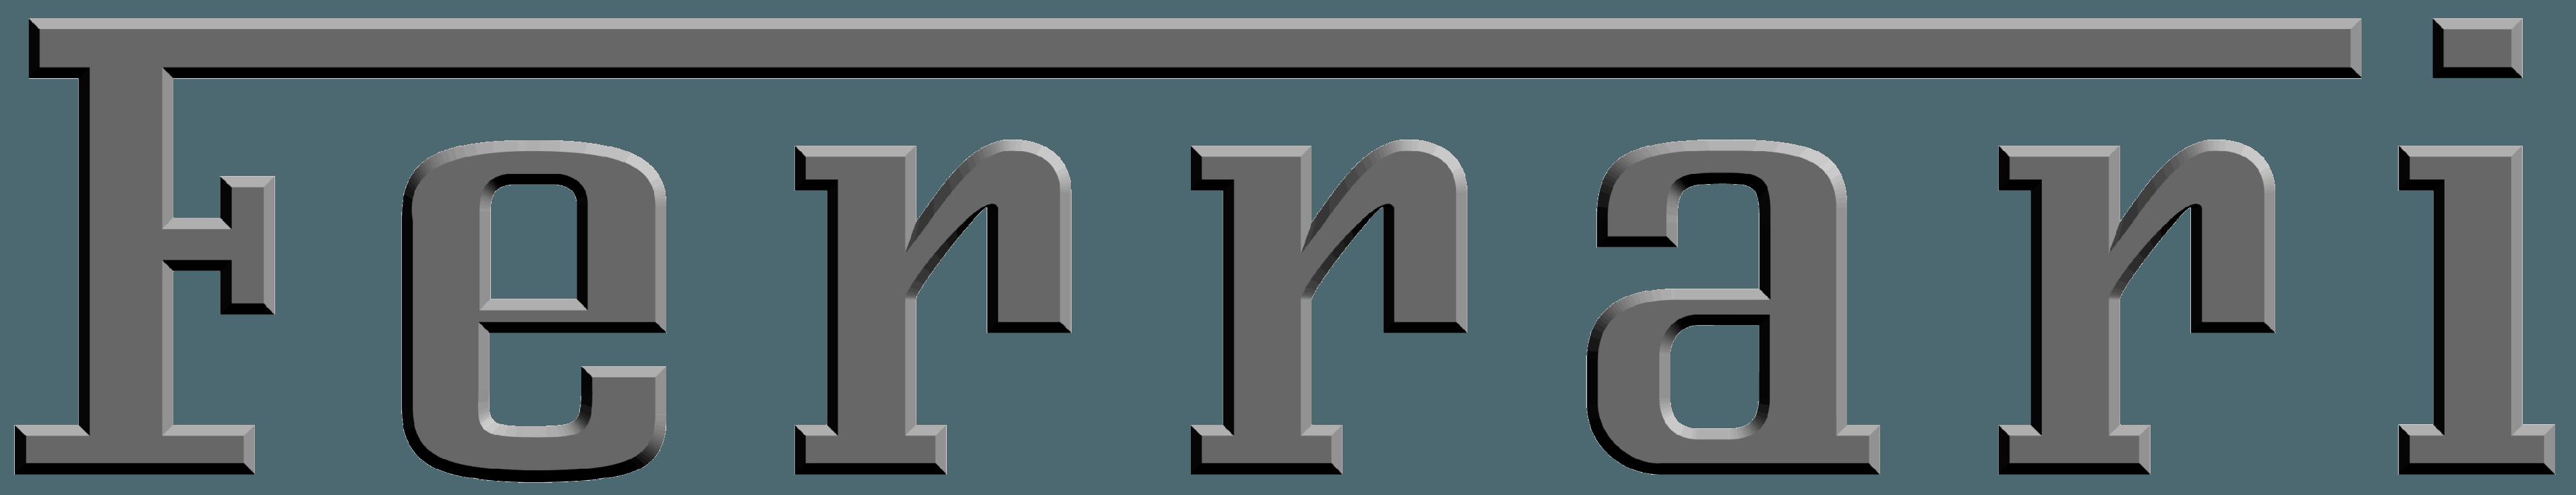 Ferrari Emblem and Logo png